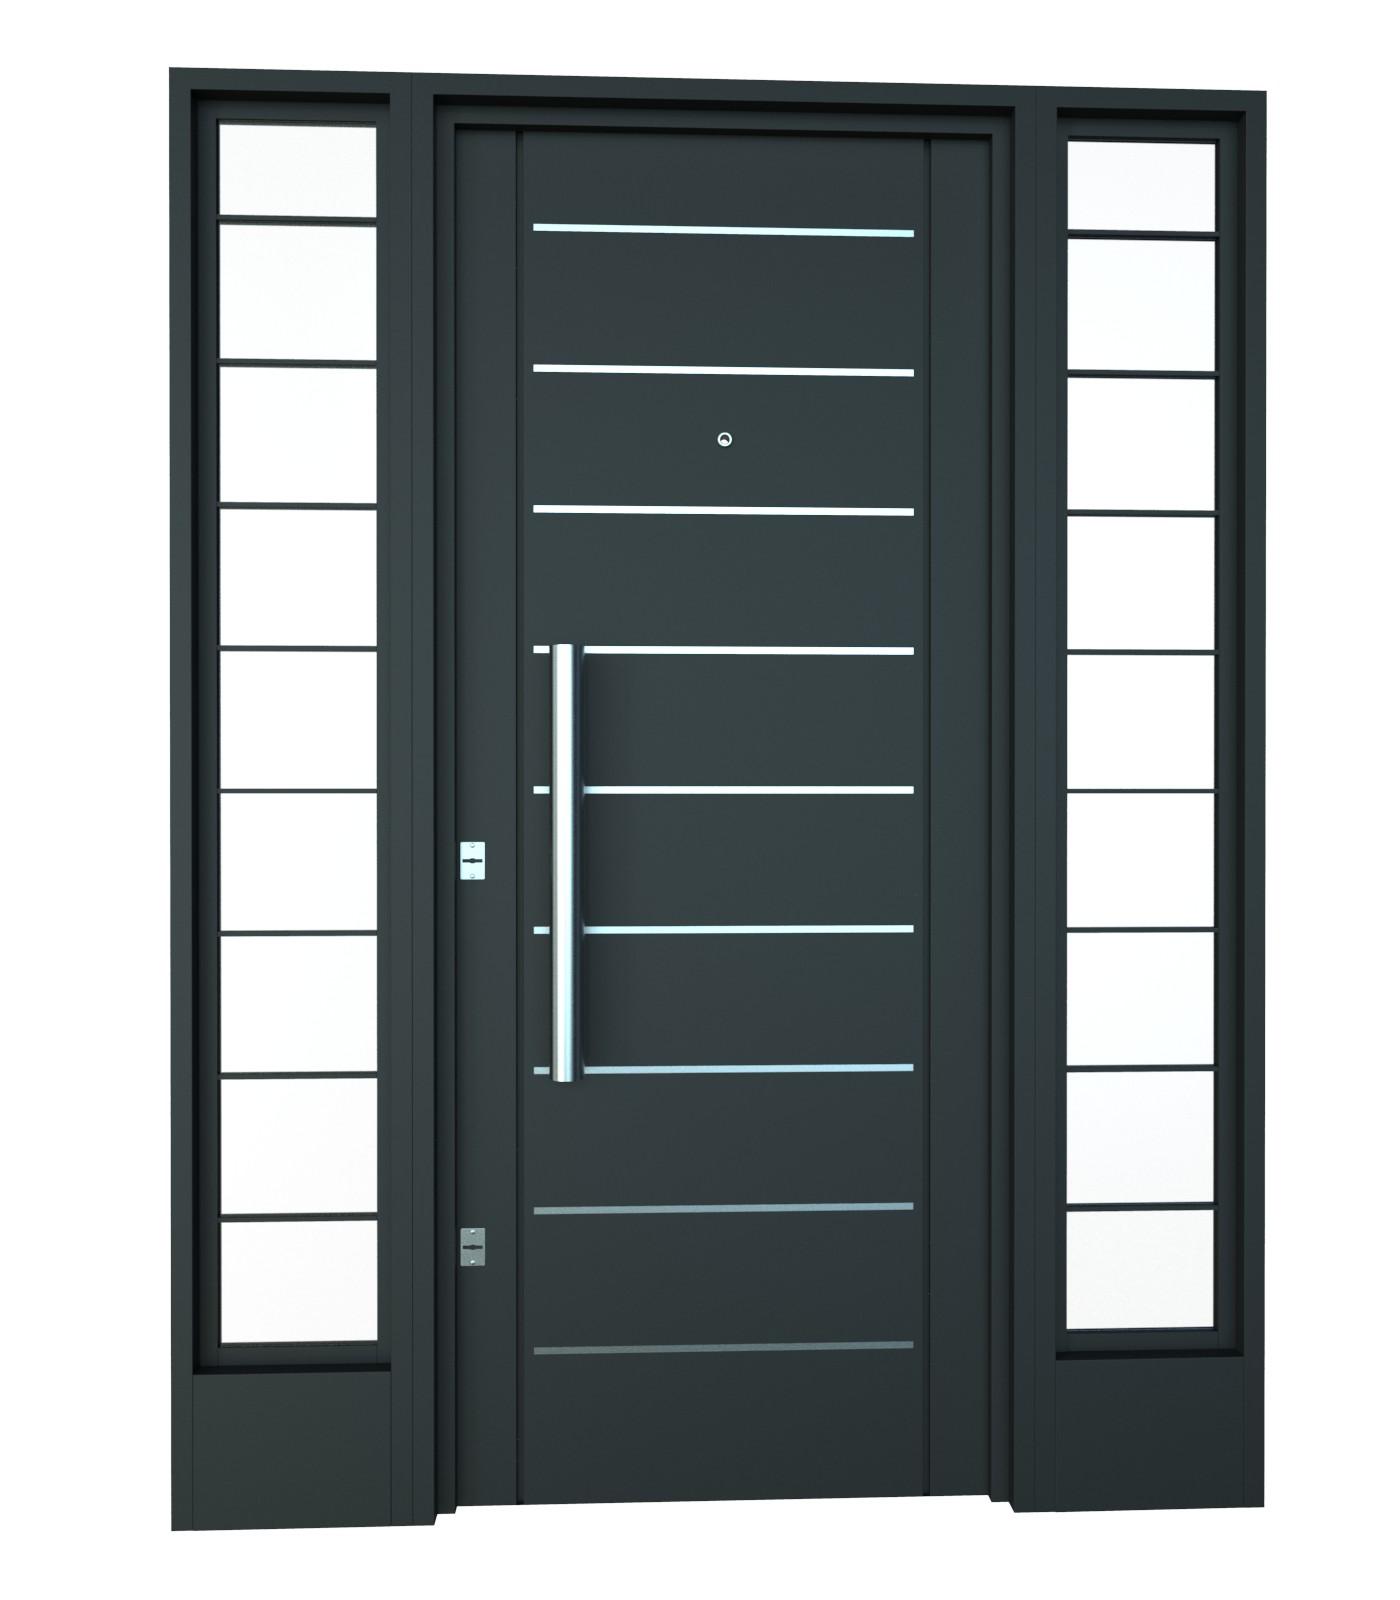 Puertas de hierro para jardin top pforte madera puerta for Puertas jardin aluminio